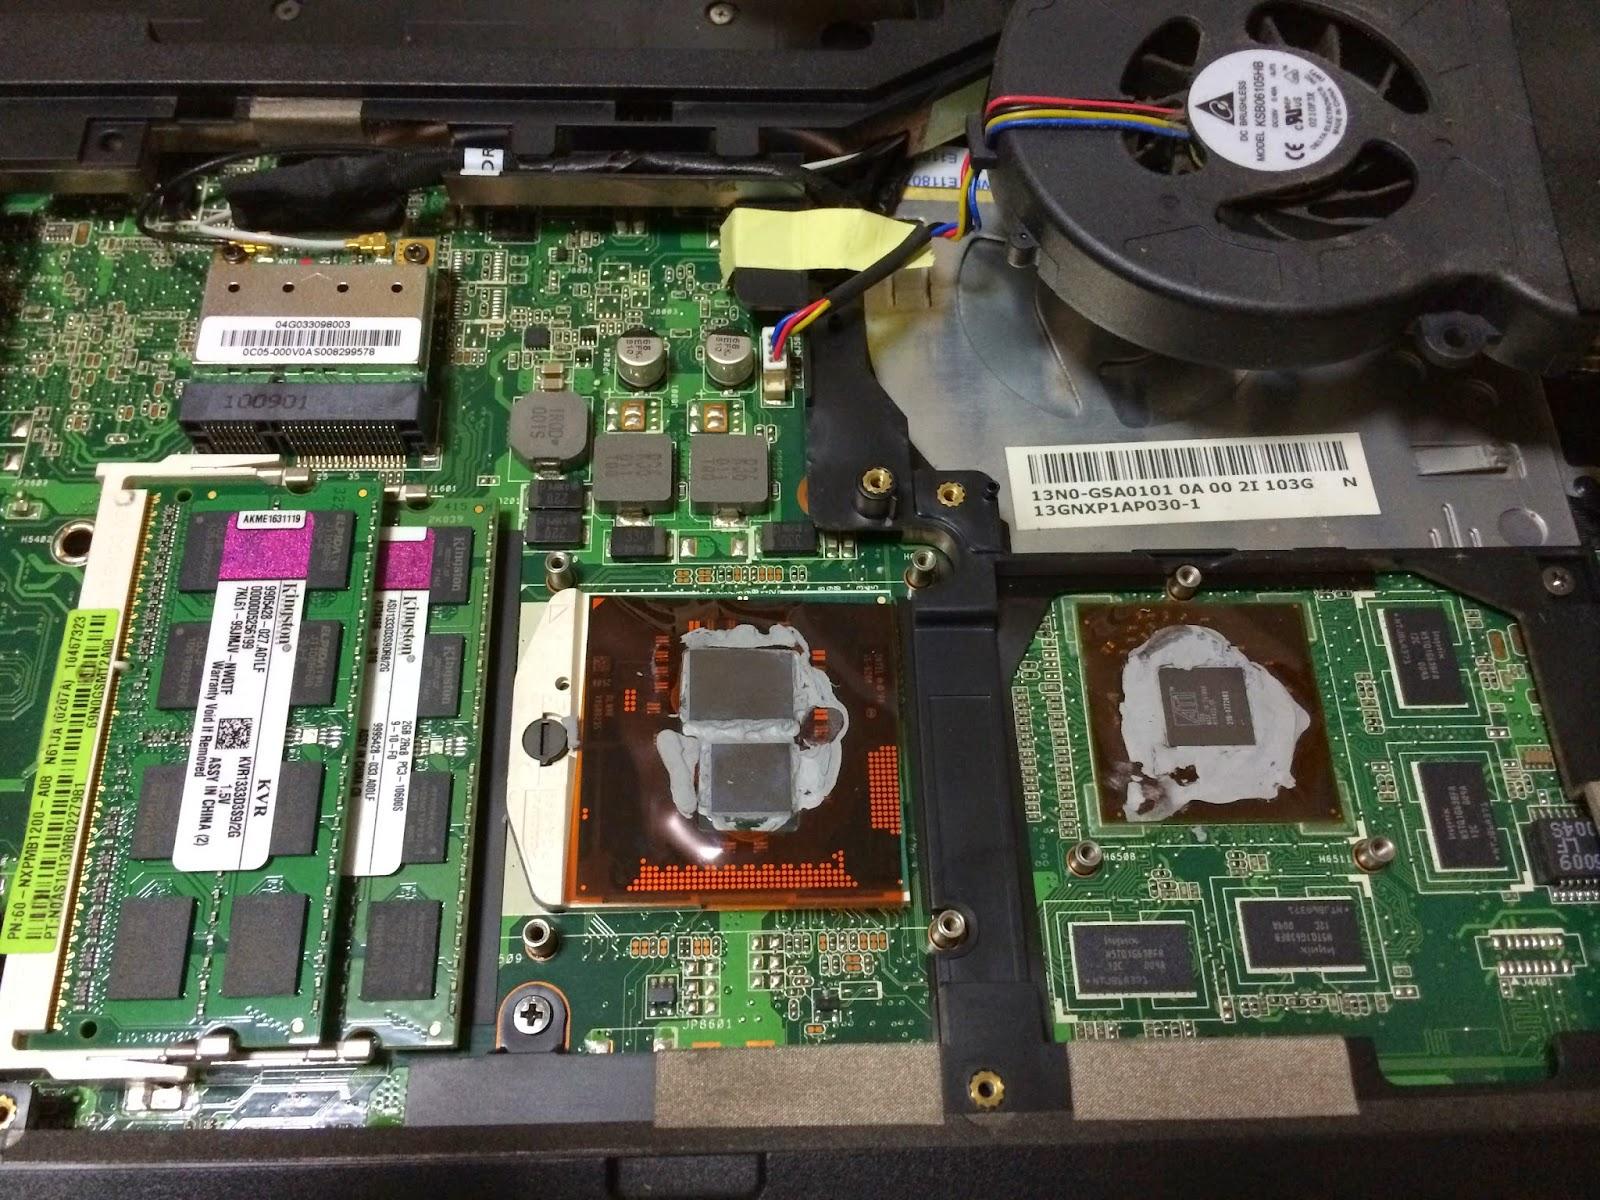 Leo's blog: CPU Too Hot: ASUS N61J Laptop DIY - Replace